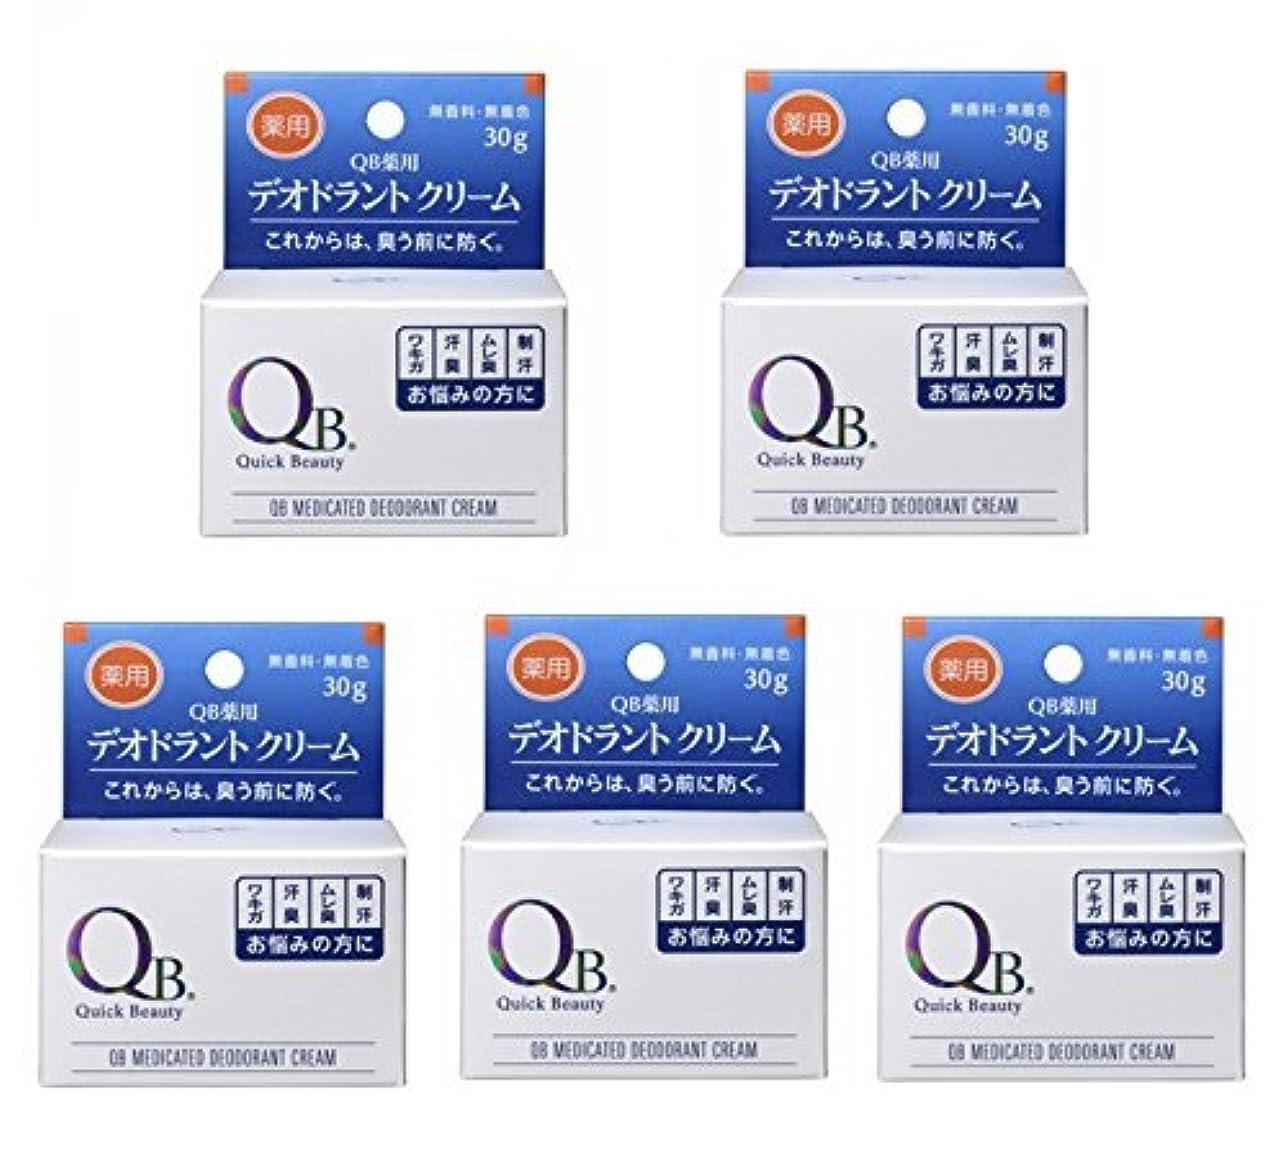 発表する蒸クリーム※5個セットQB薬用デオドラントクリーム 30g 医薬部外品